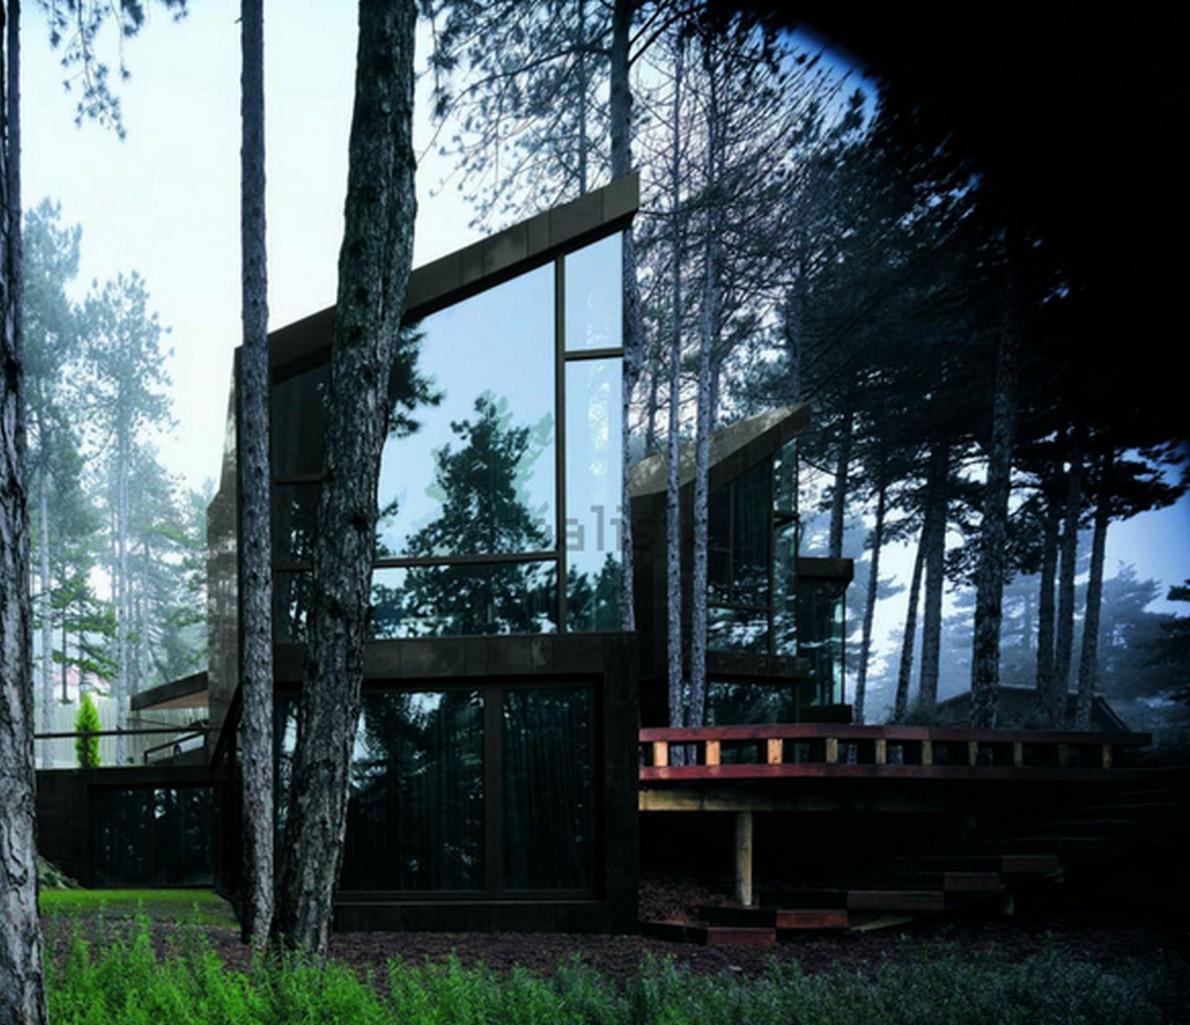 Dettaglio della casa di lusso immersa nella natura